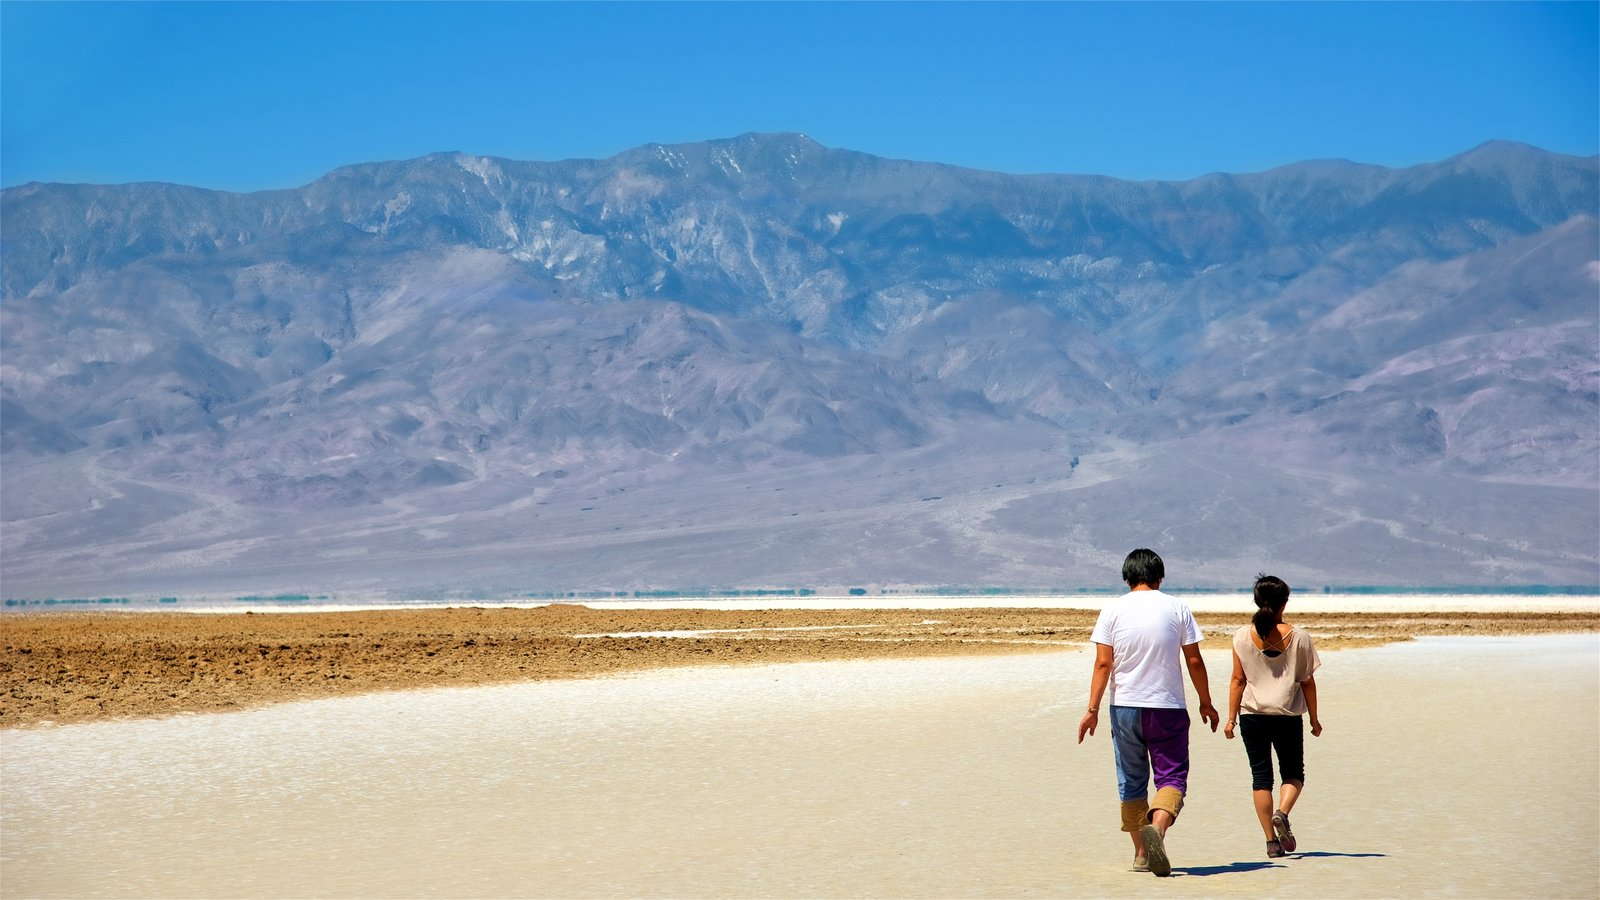 Vale da Morte que inclui cenas tranquilas e paisagens do deserto assim como um pequeno grupo de pessoas